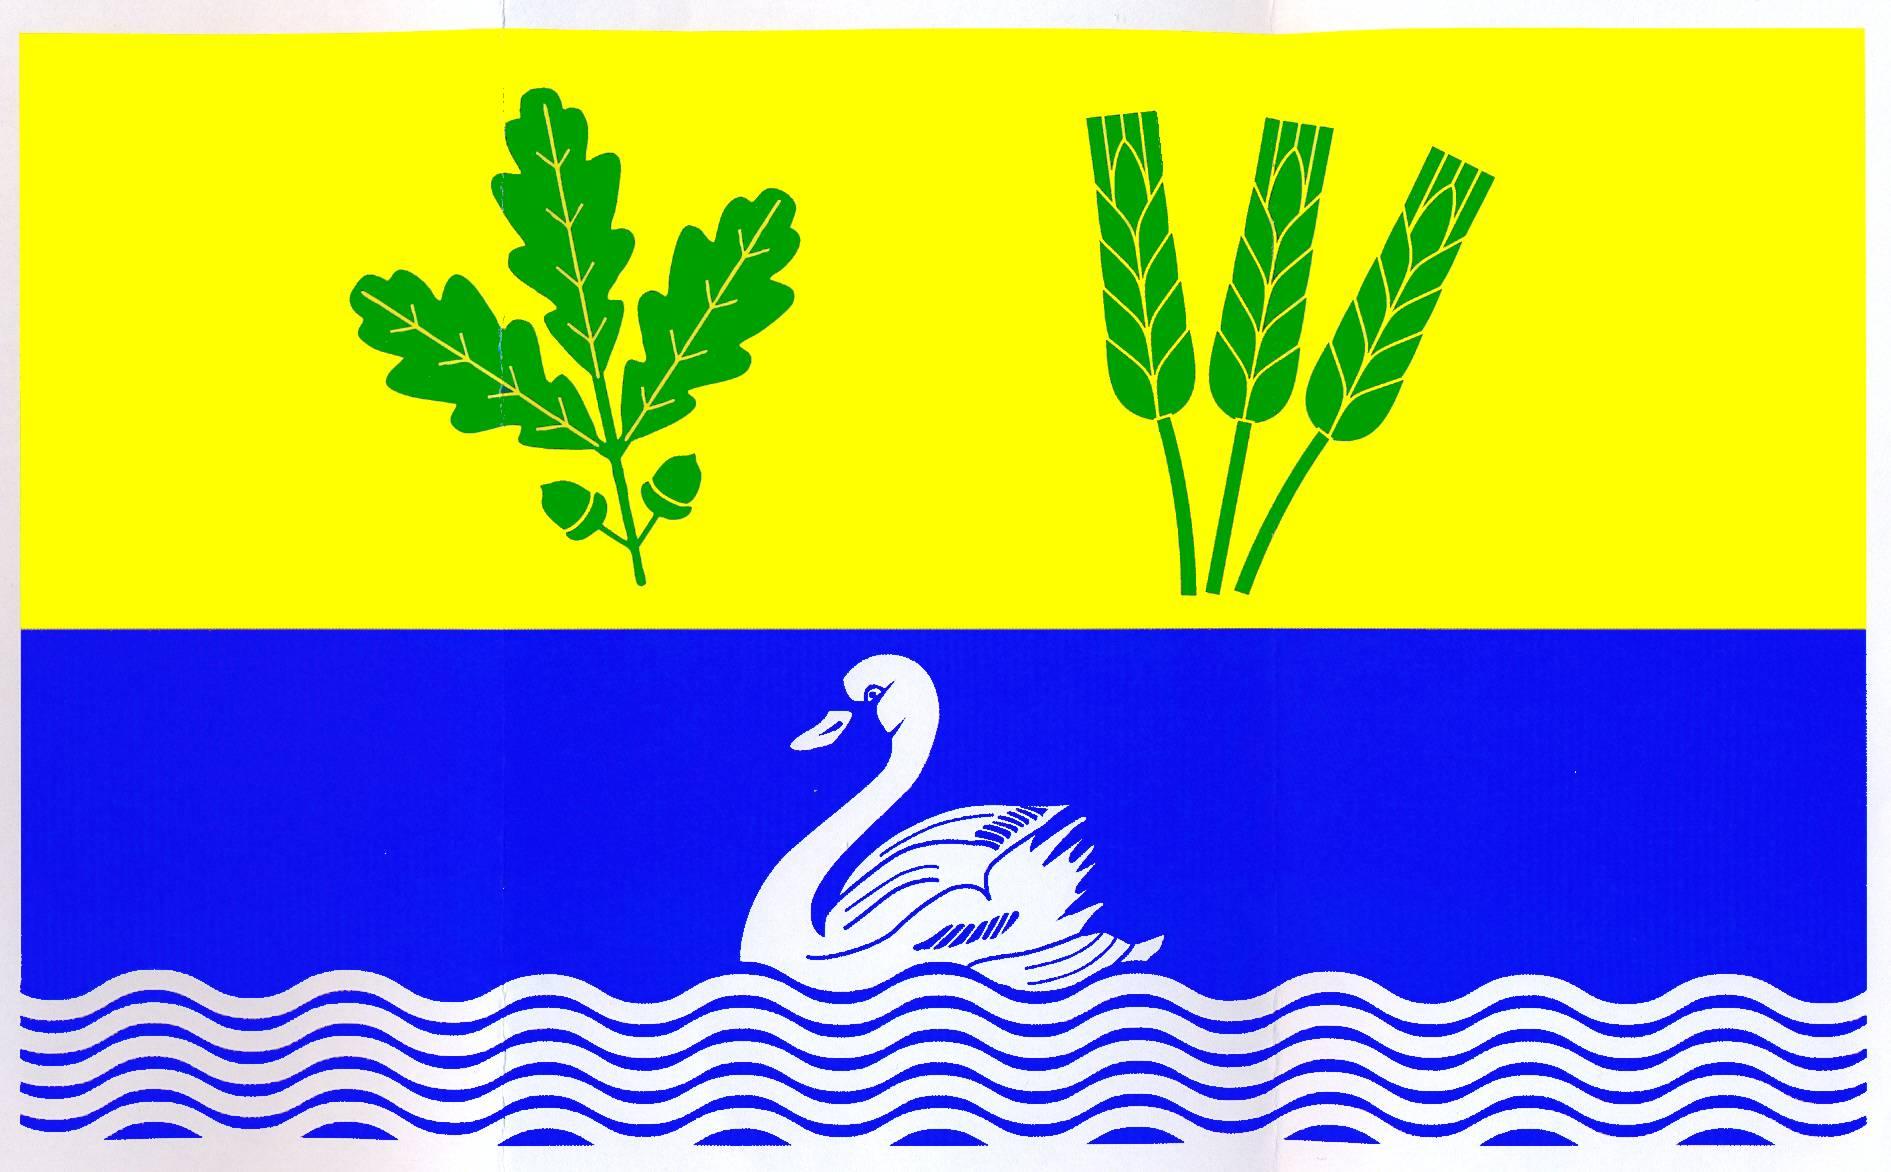 Flagge GemeindeBrodersby, Kreis Rendsburg-Eckernförde